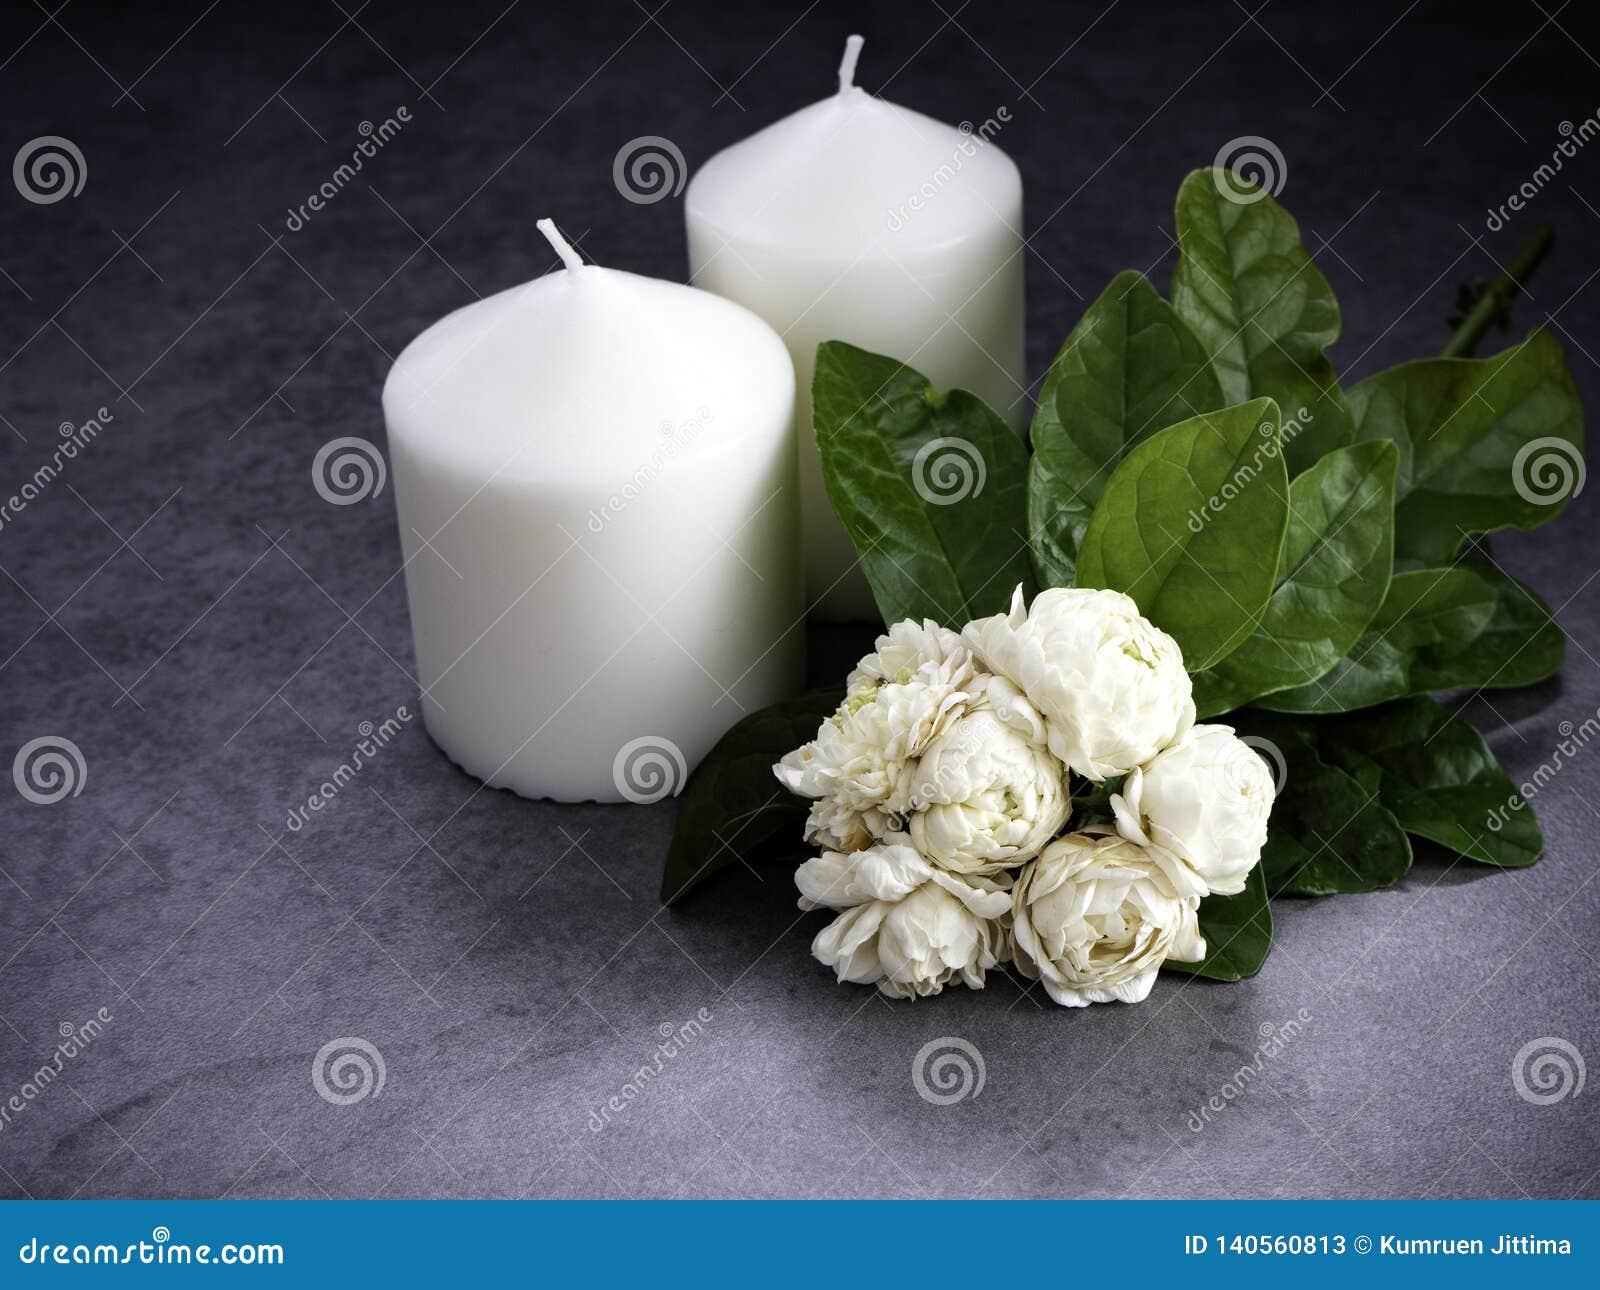 茉莉花和蜡烛在黑暗的背景